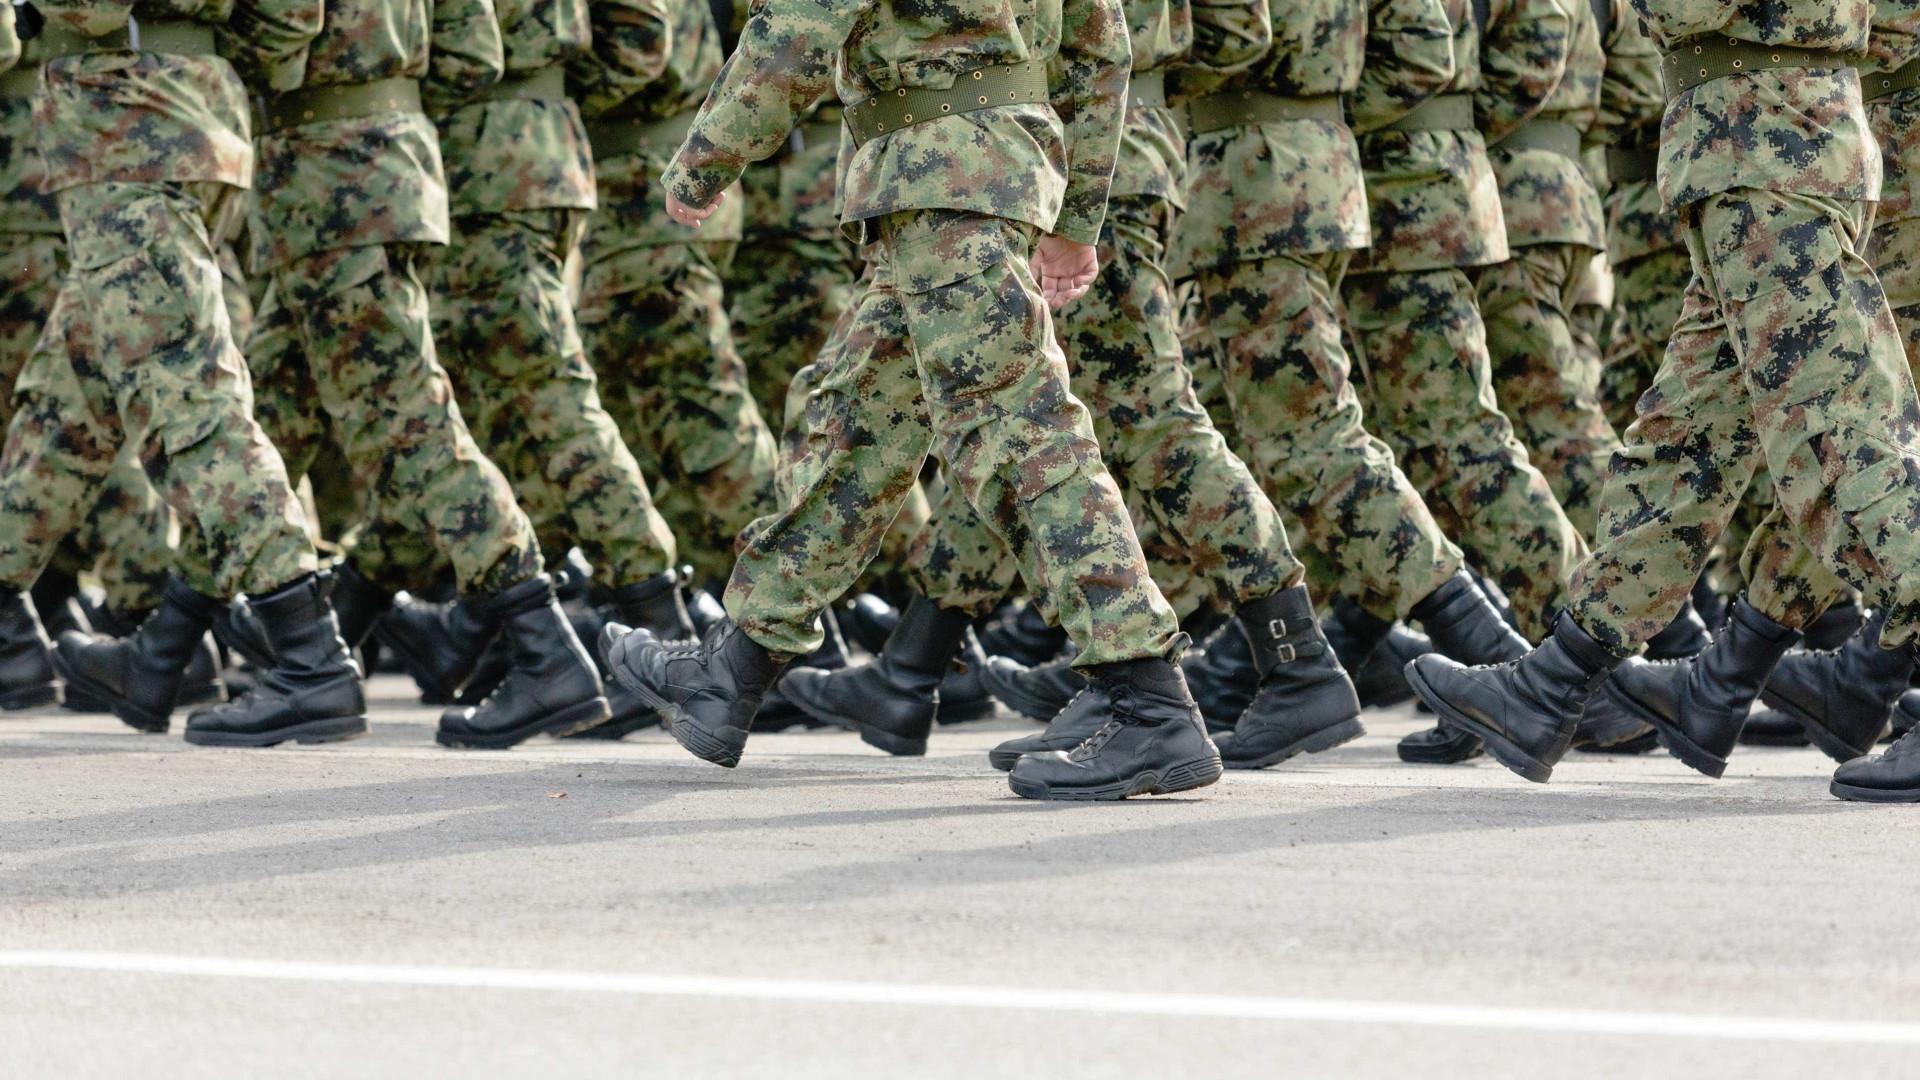 Setenta militares sobem na carreira após extinção do posto de furriel